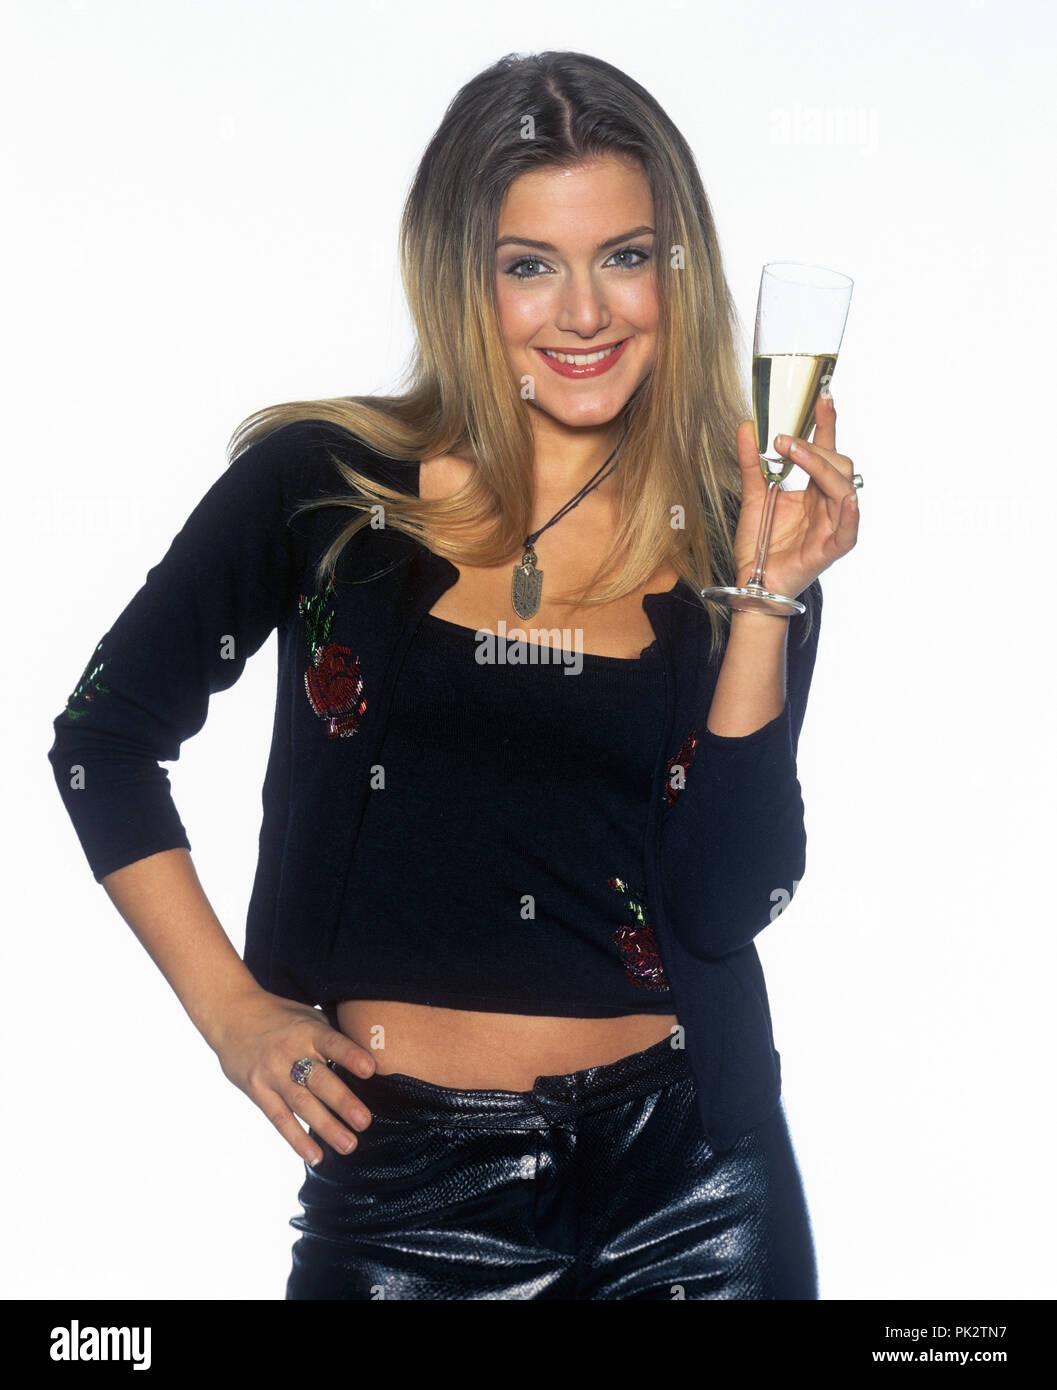 Jeanette Biedermann on 11.12.2000 in Potsdam. | usage